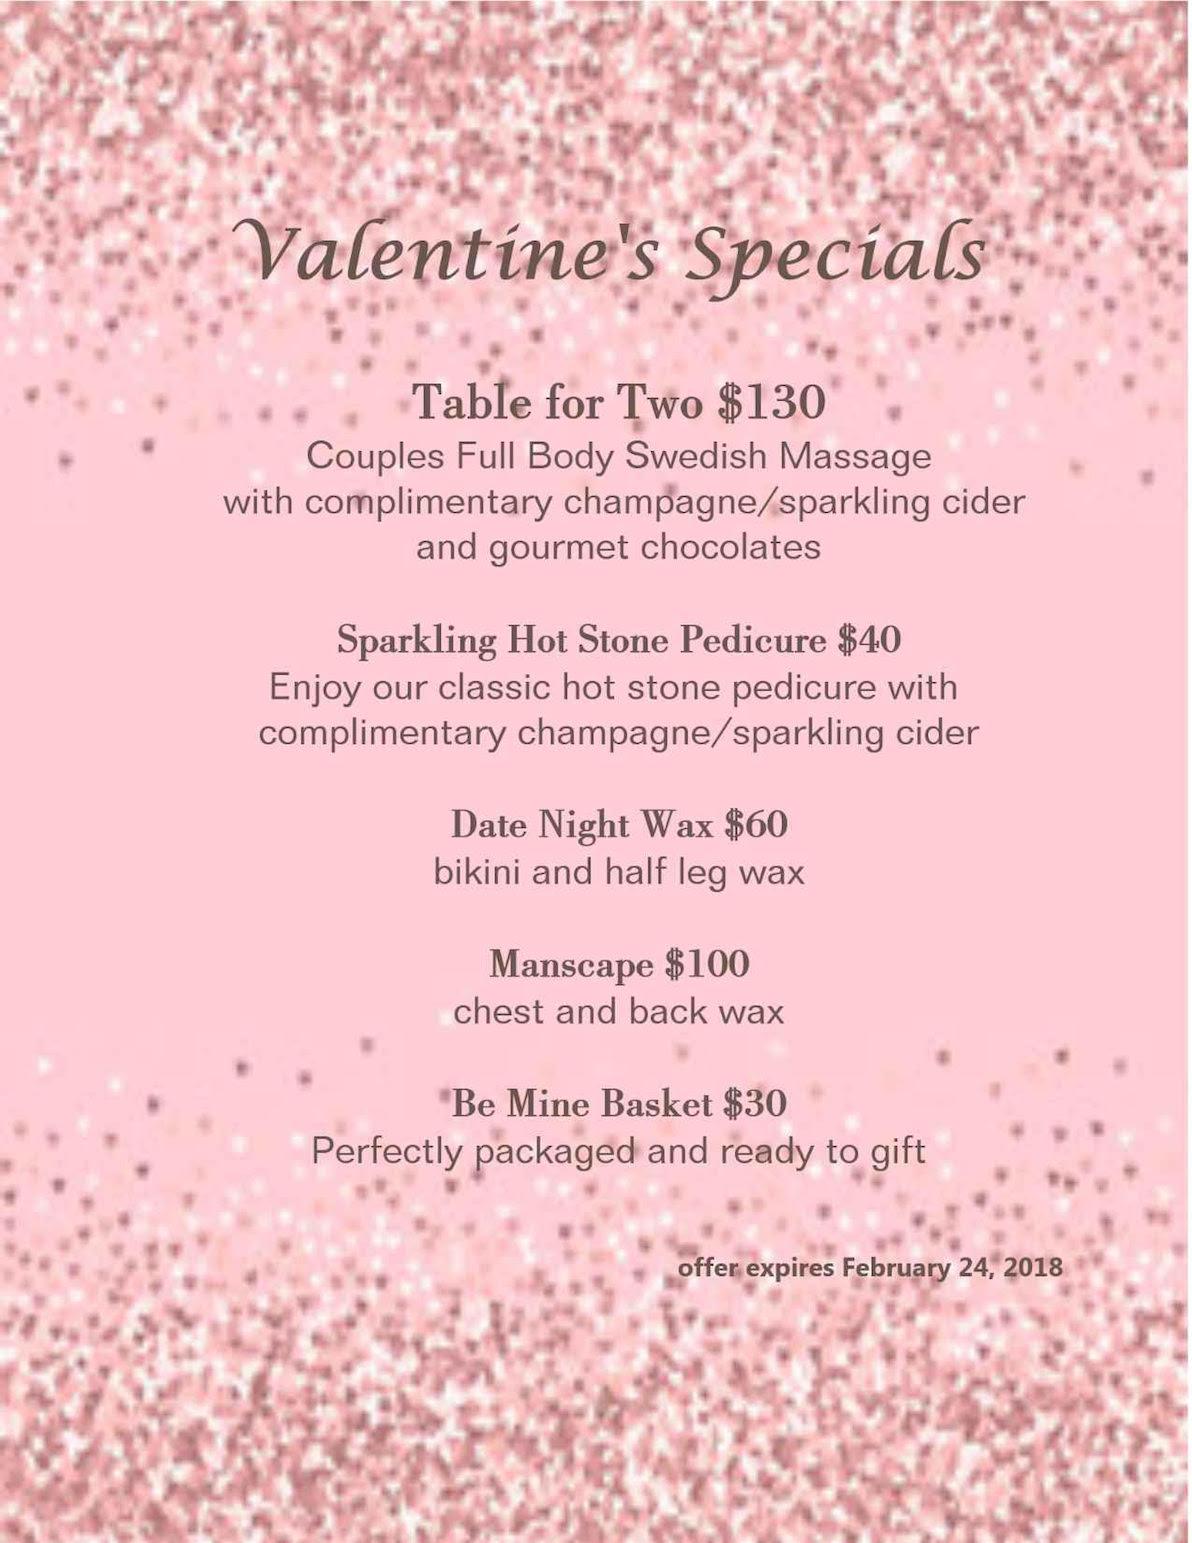 Willows Valentine's Day Specials